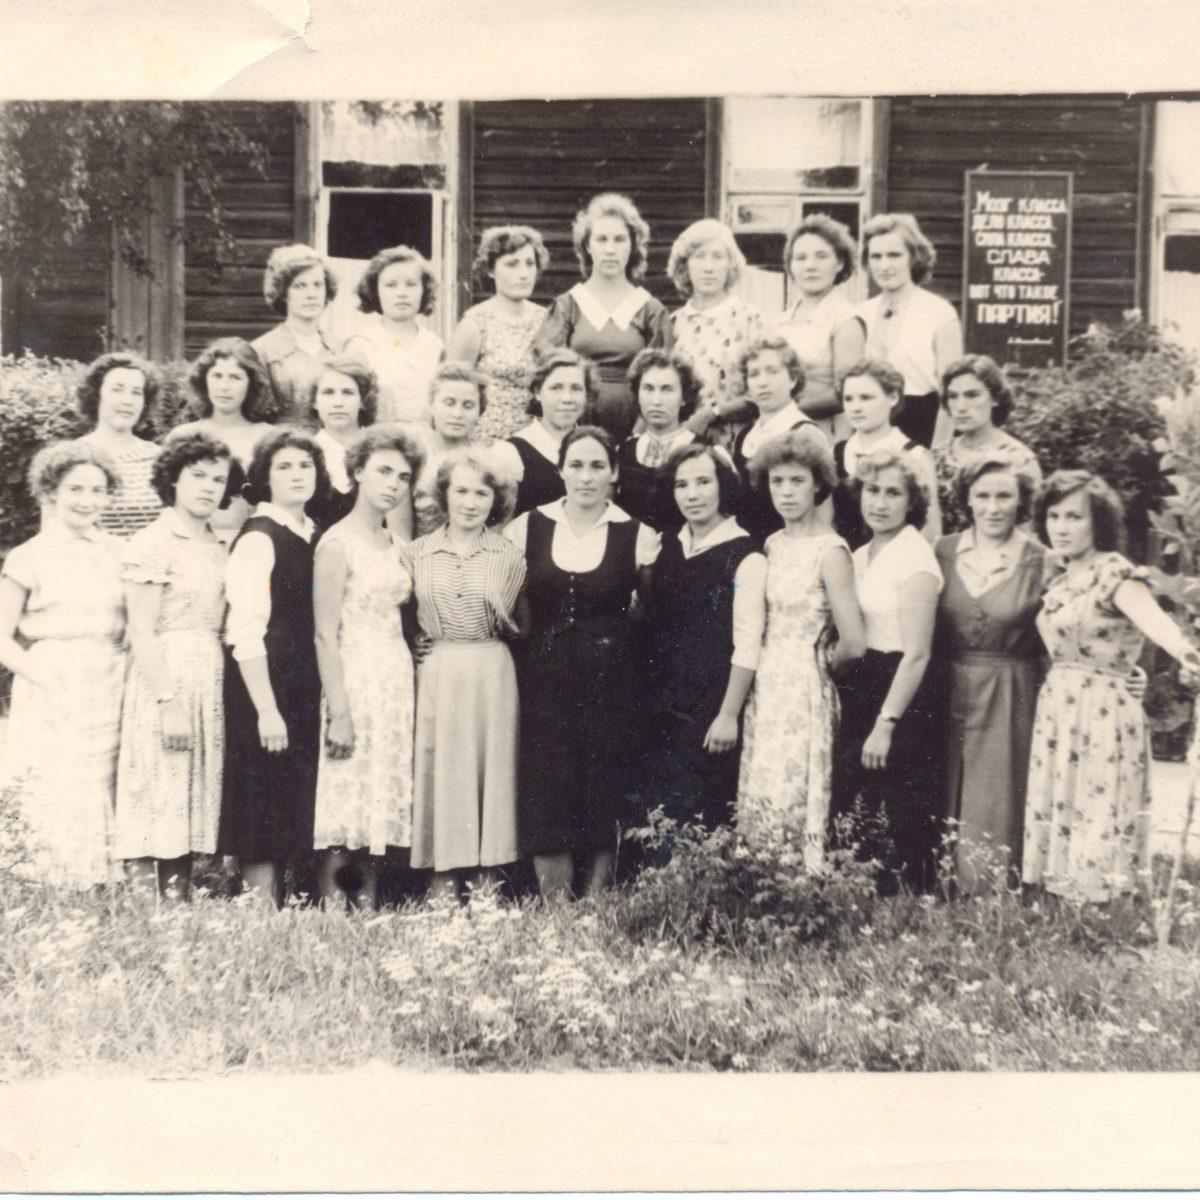 Советское педучилище Кировская область, 1960 год.